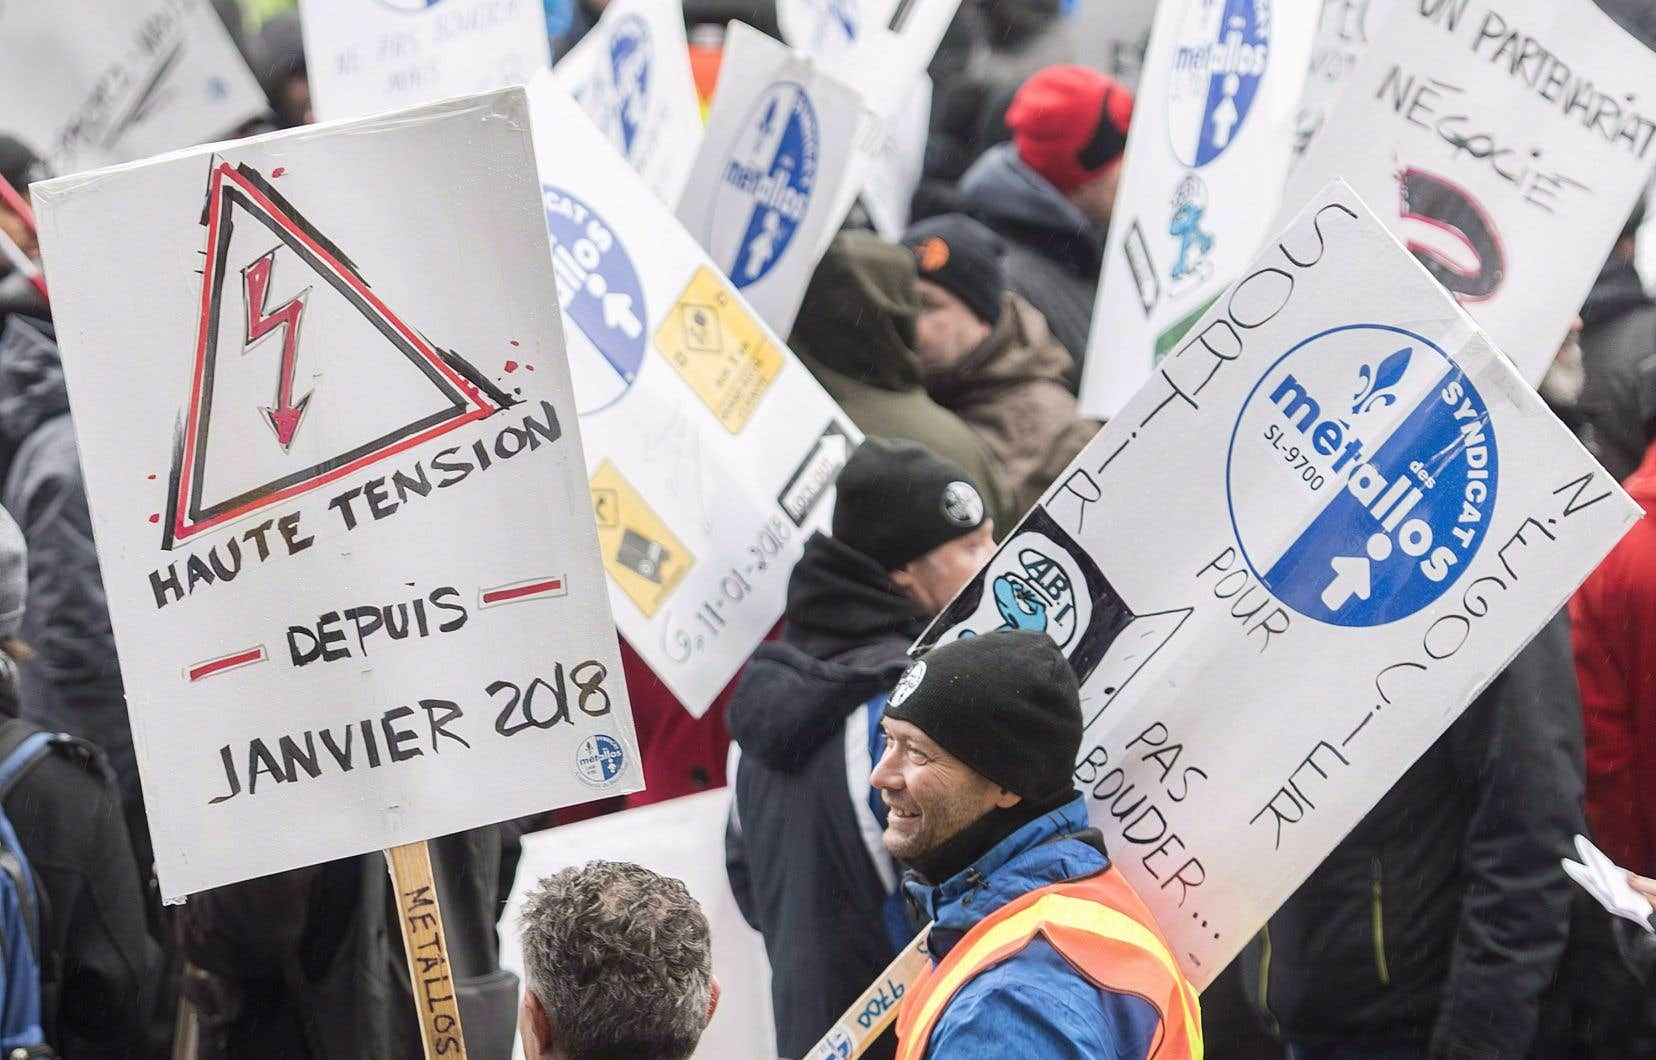 Plus de 1000 travailleurs sont touchés par ce conflit de travail qui a débuté le 11 janvier 2018.